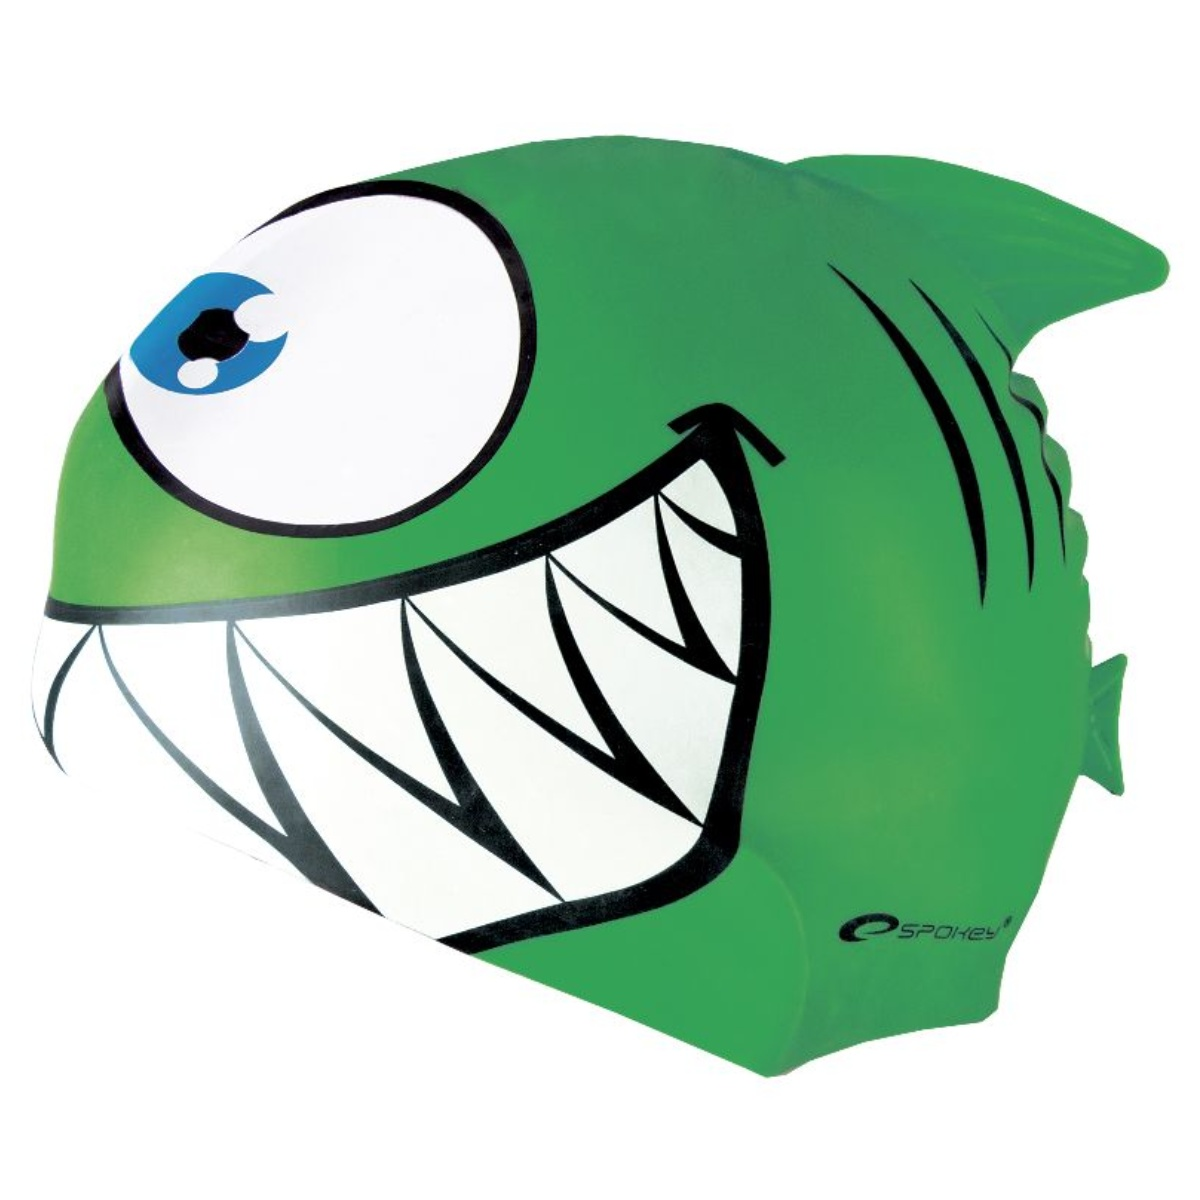 Plavecká čepice SPOKEY Rekinek - zelená